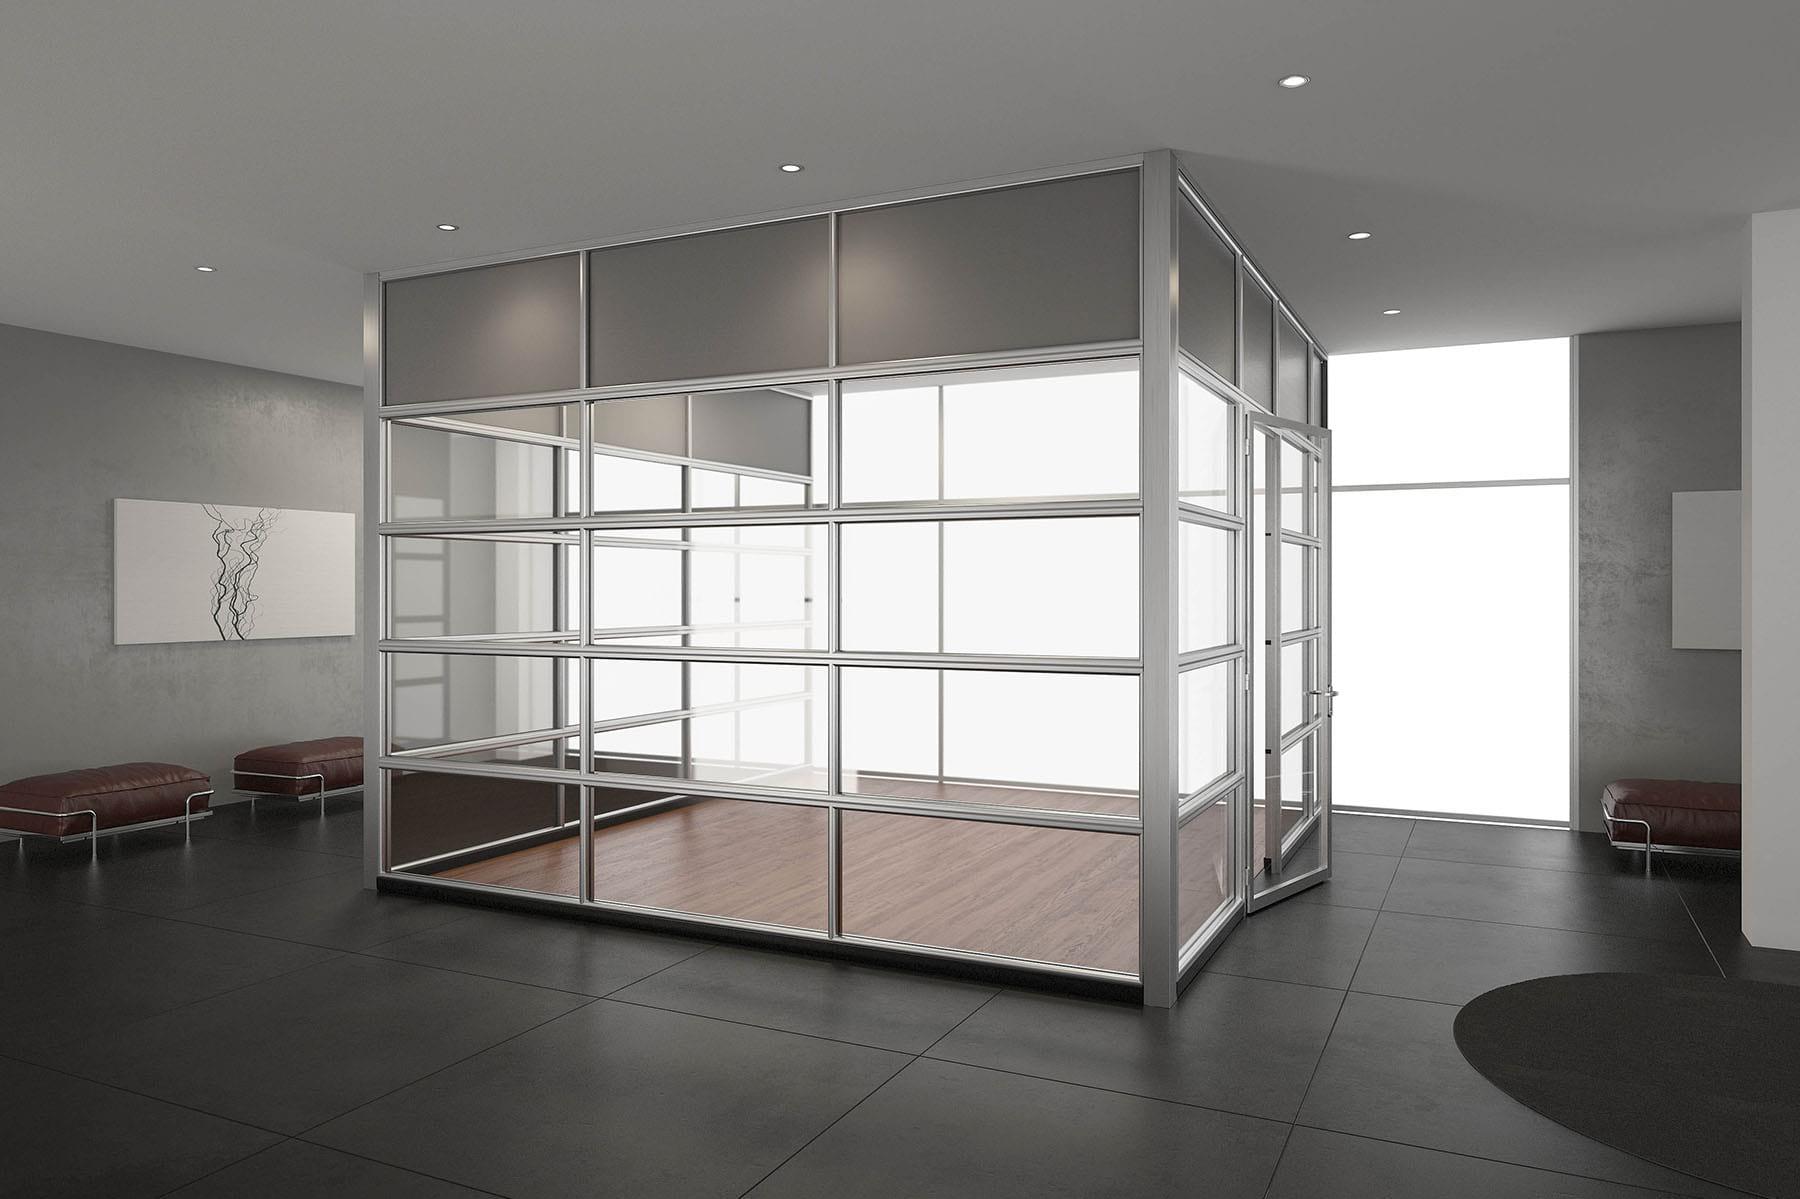 Pareti mobili milano per ufficio pareti attrezzate divisorie e in cartongesso vendita e - Pareti mobili in cartongesso ...